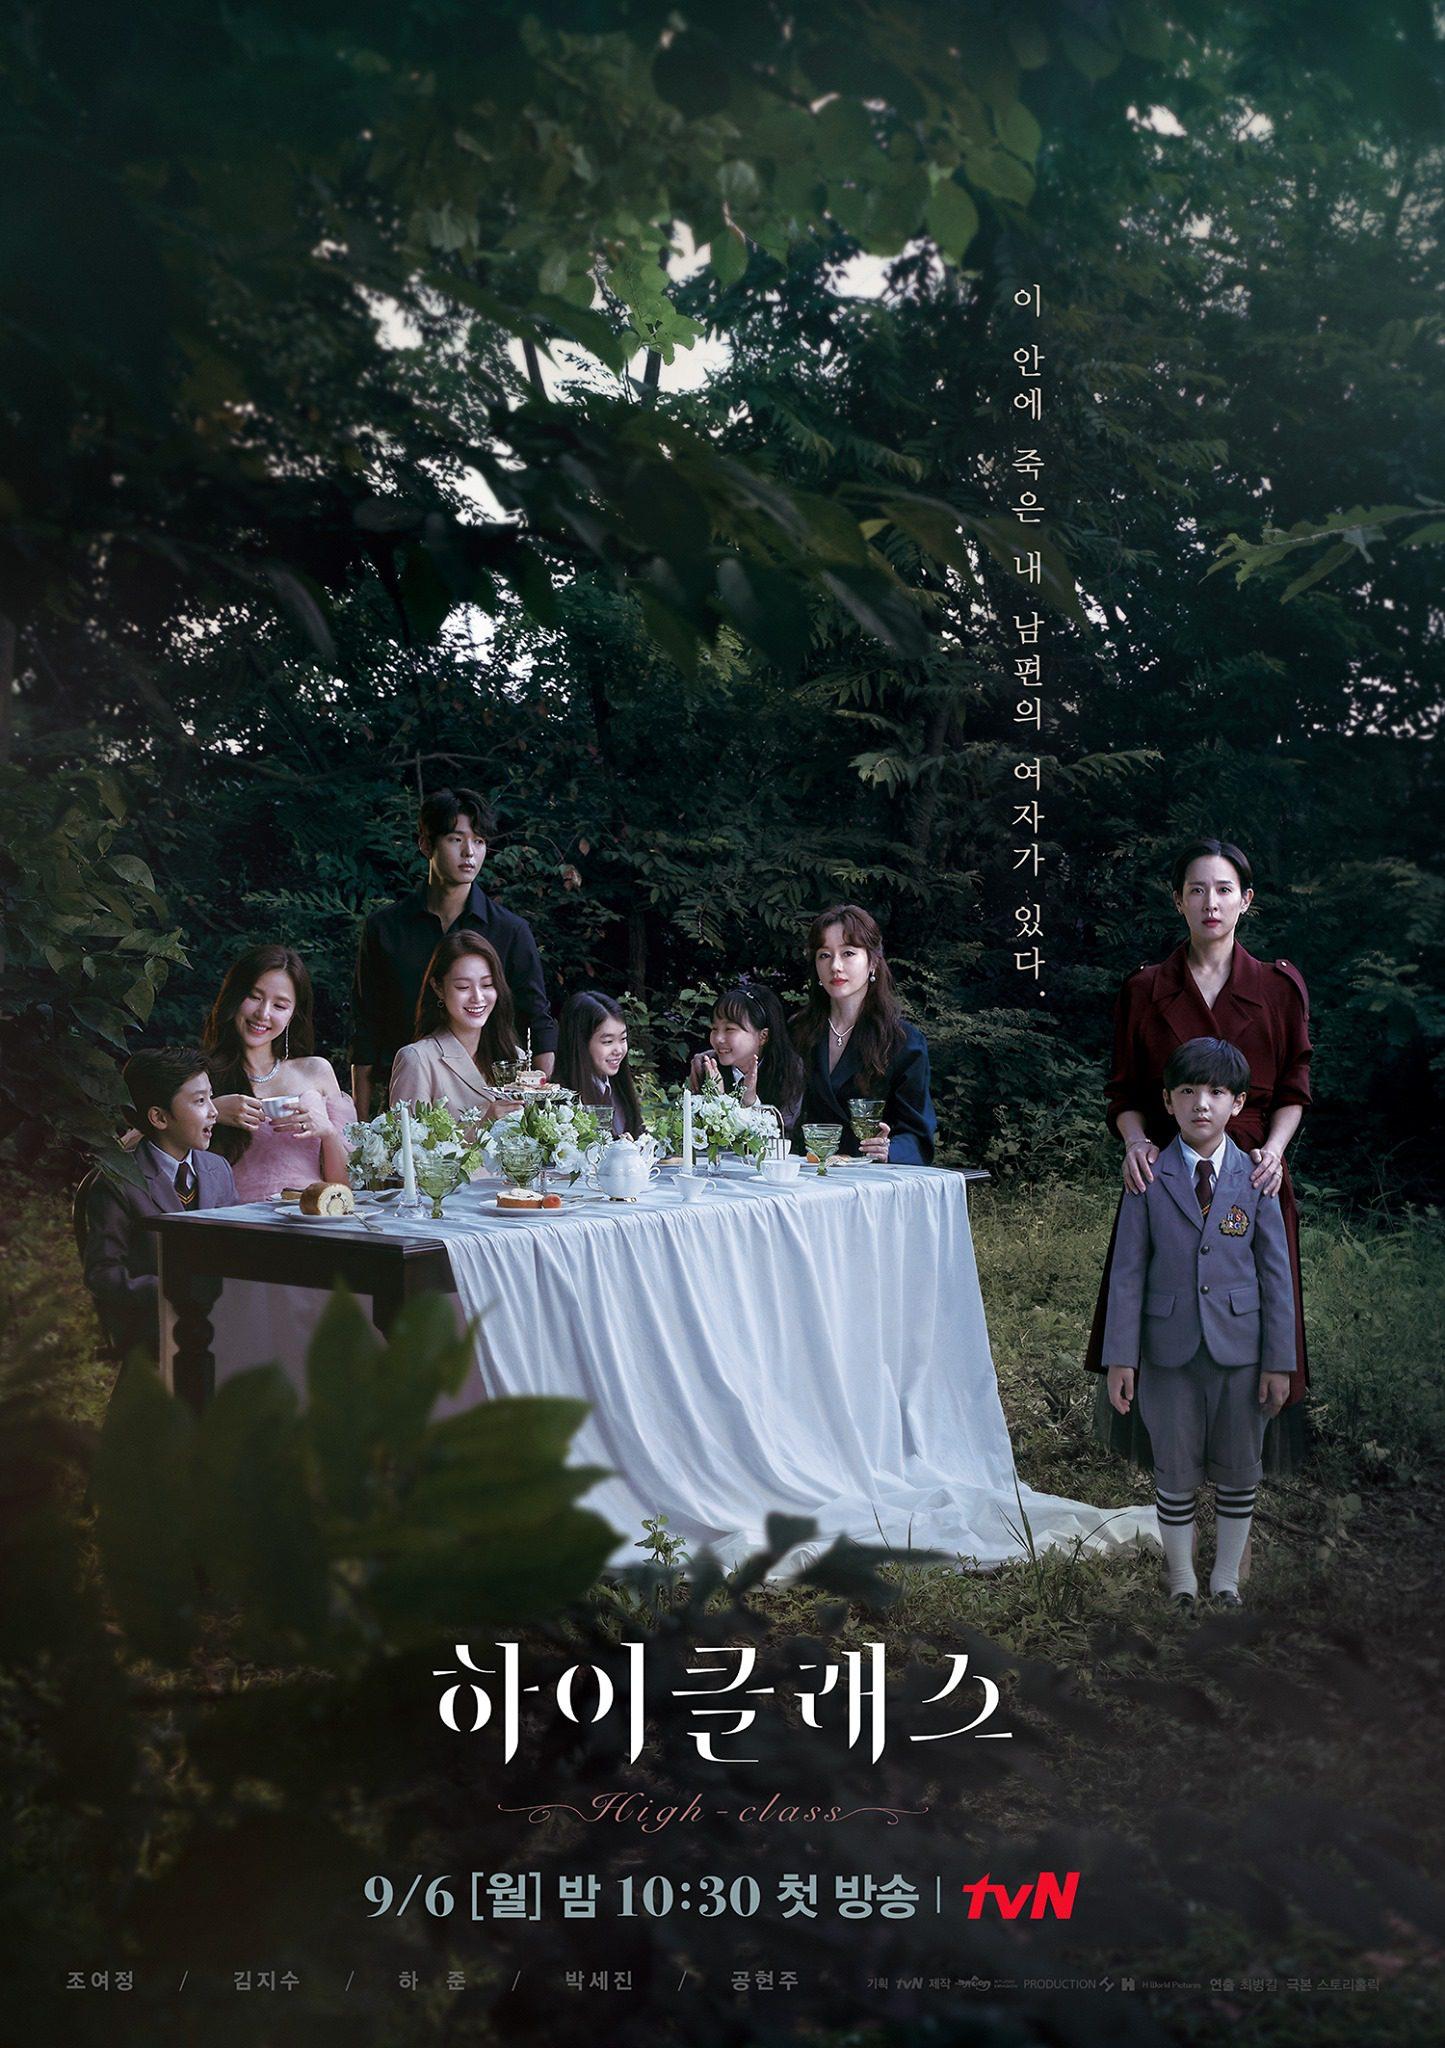 Darama Hàn Quốc lên sóng trong tháng 9: High Class